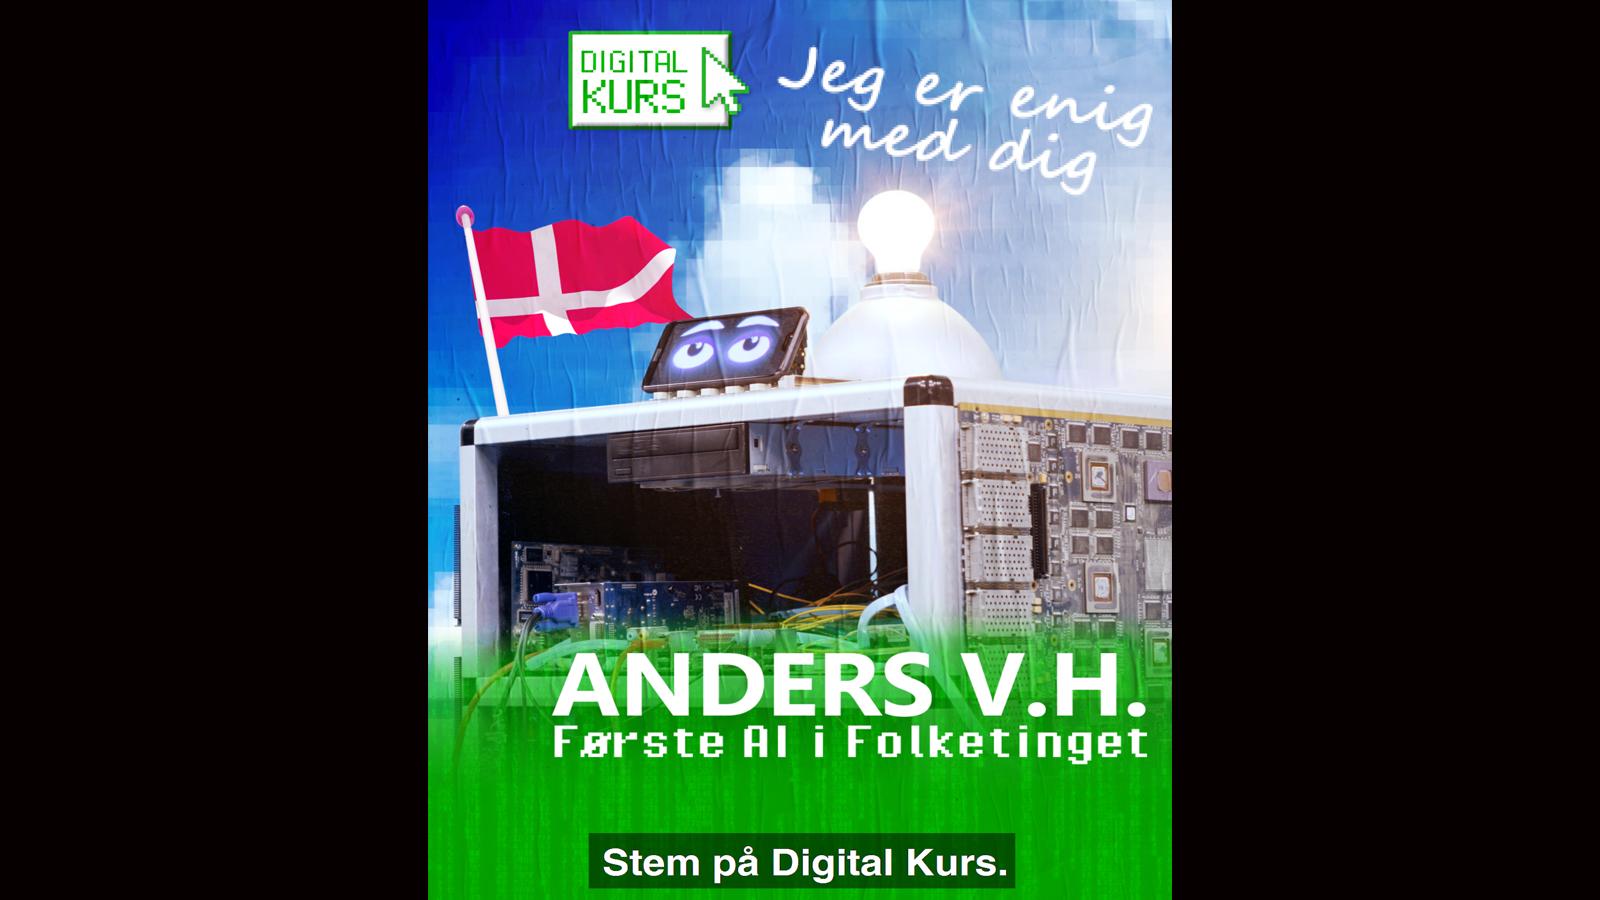 Anders Viking Håndboldlandsholdet siger bare f*ck